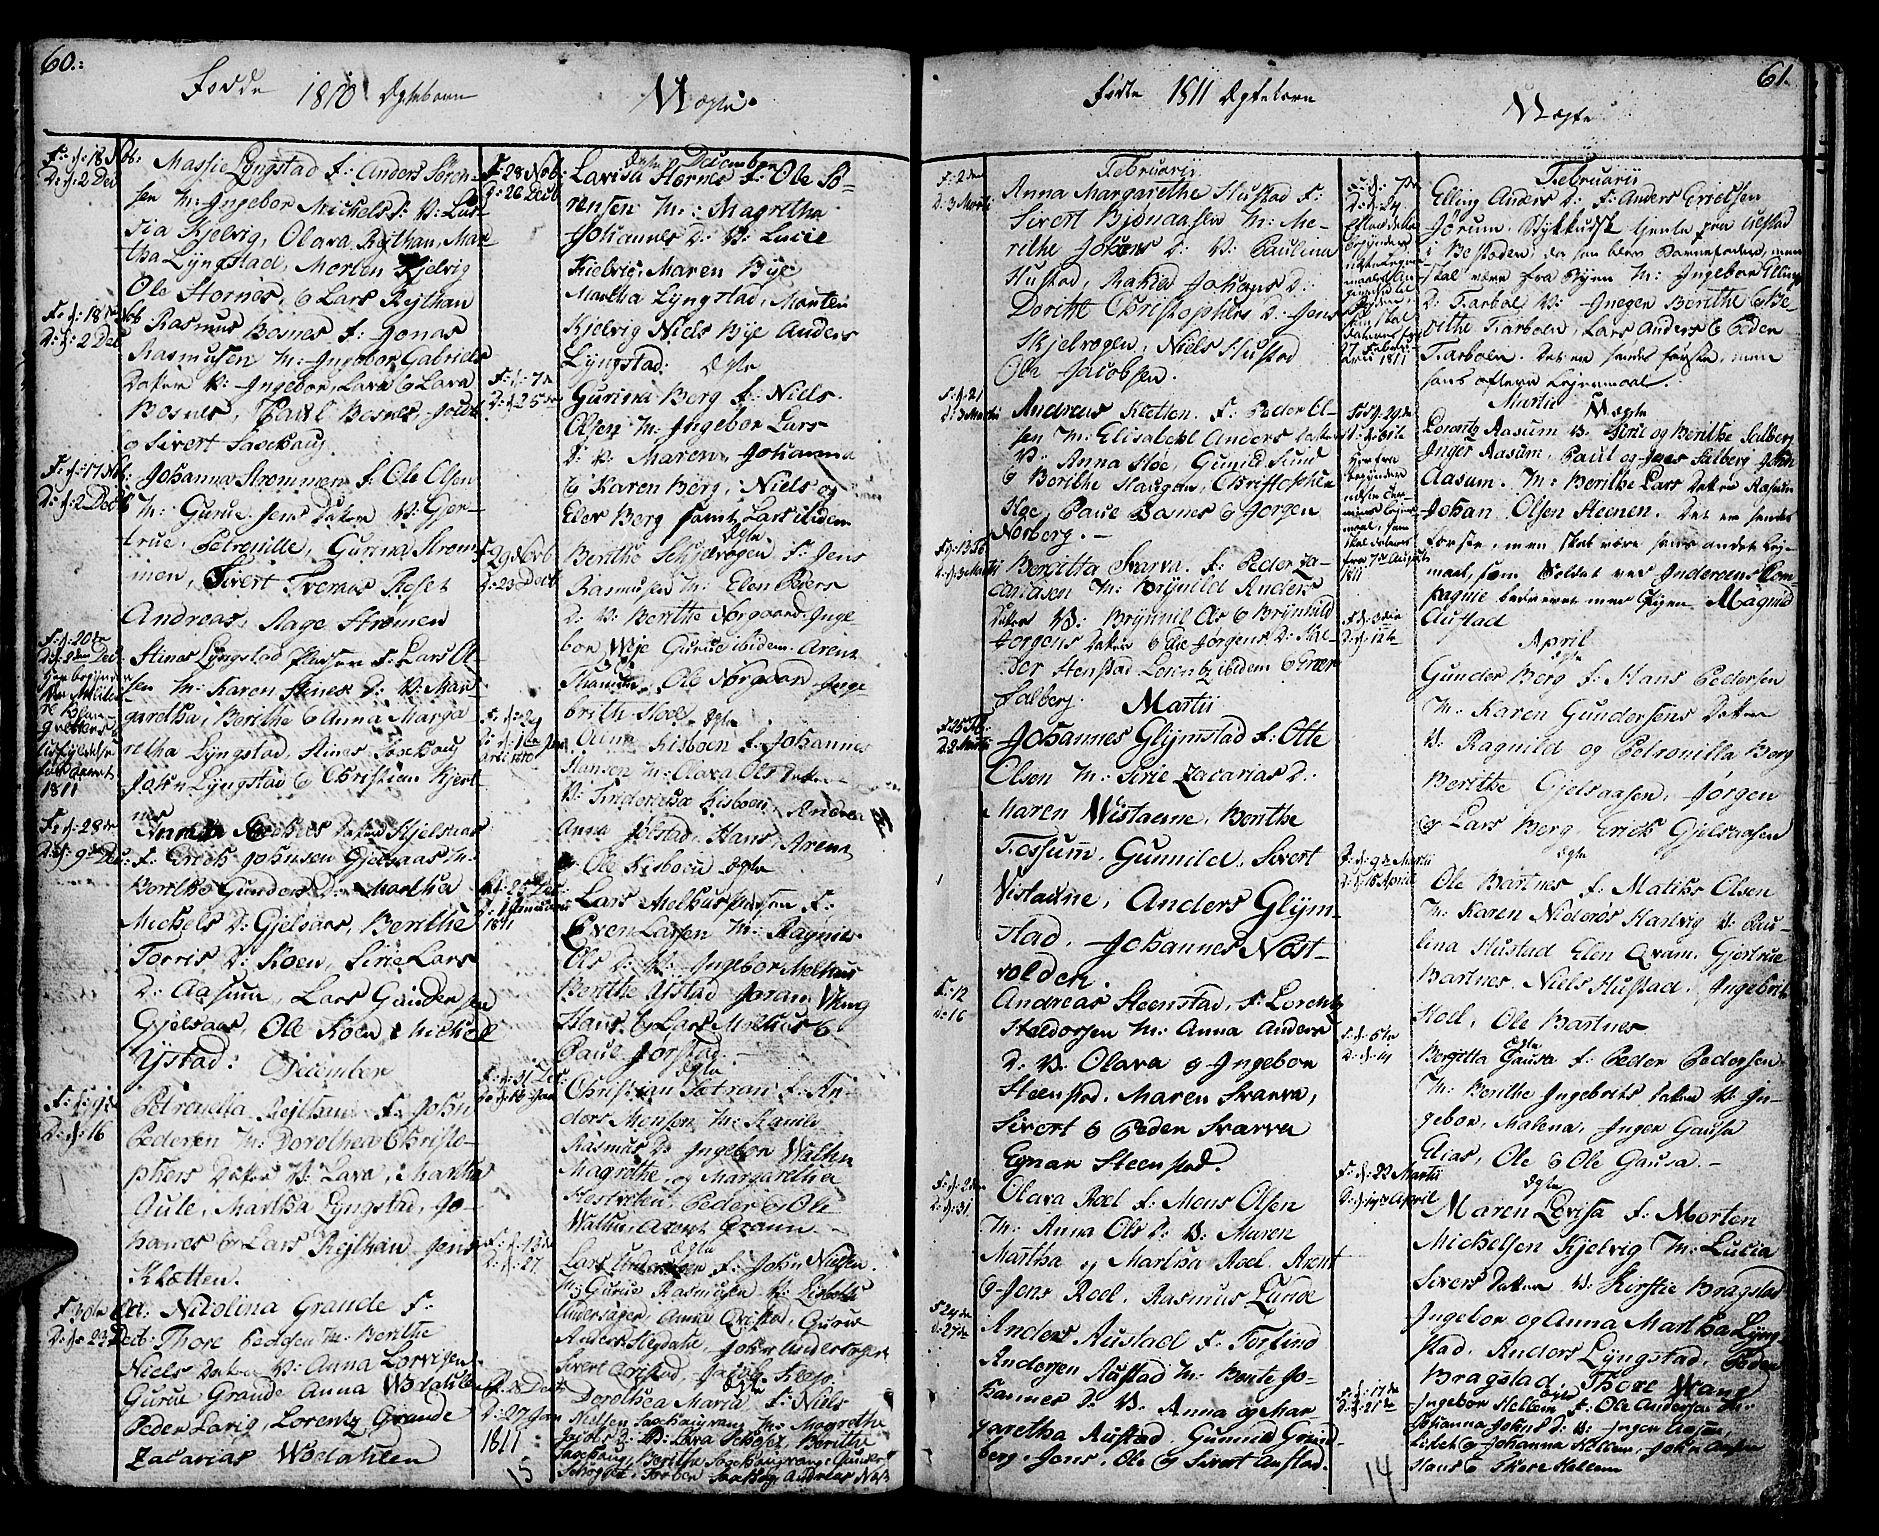 SAT, Ministerialprotokoller, klokkerbøker og fødselsregistre - Nord-Trøndelag, 730/L0274: Ministerialbok nr. 730A03, 1802-1816, s. 60-61